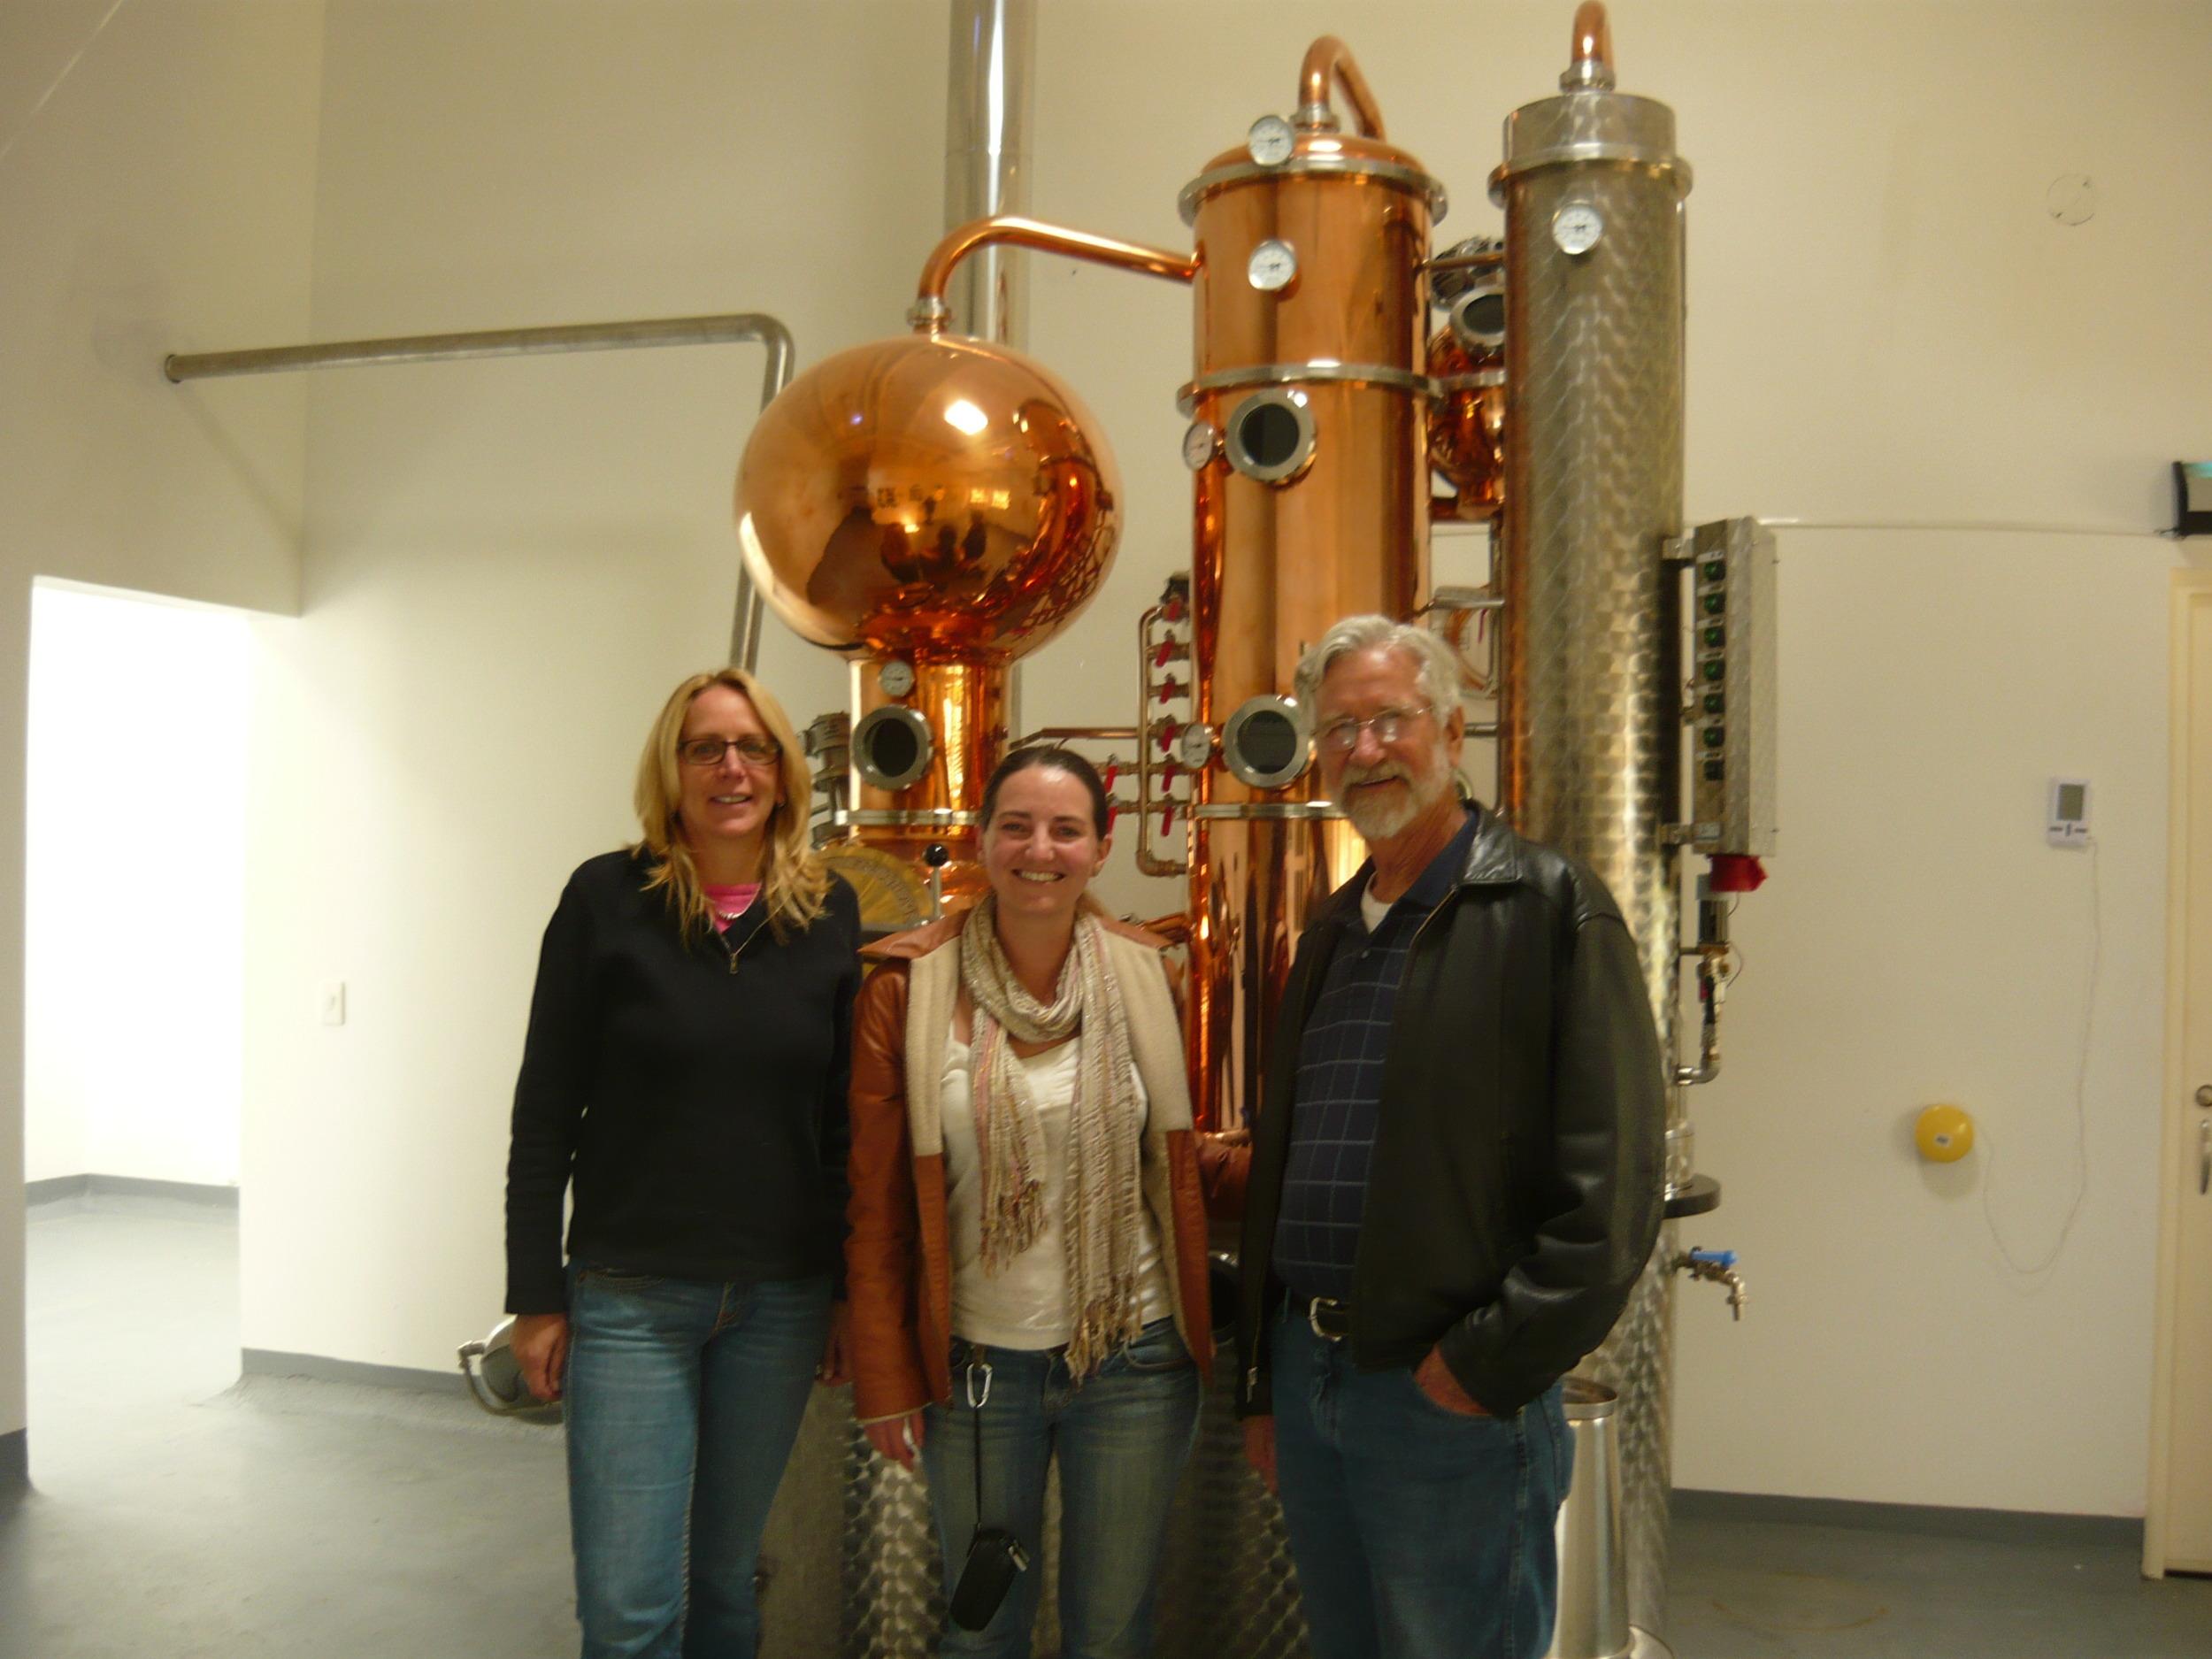 Catalina Rugeles en medio de dos de los integrantes de la familia Rode y delante del alambique que produce el  schnapps  colombiano.